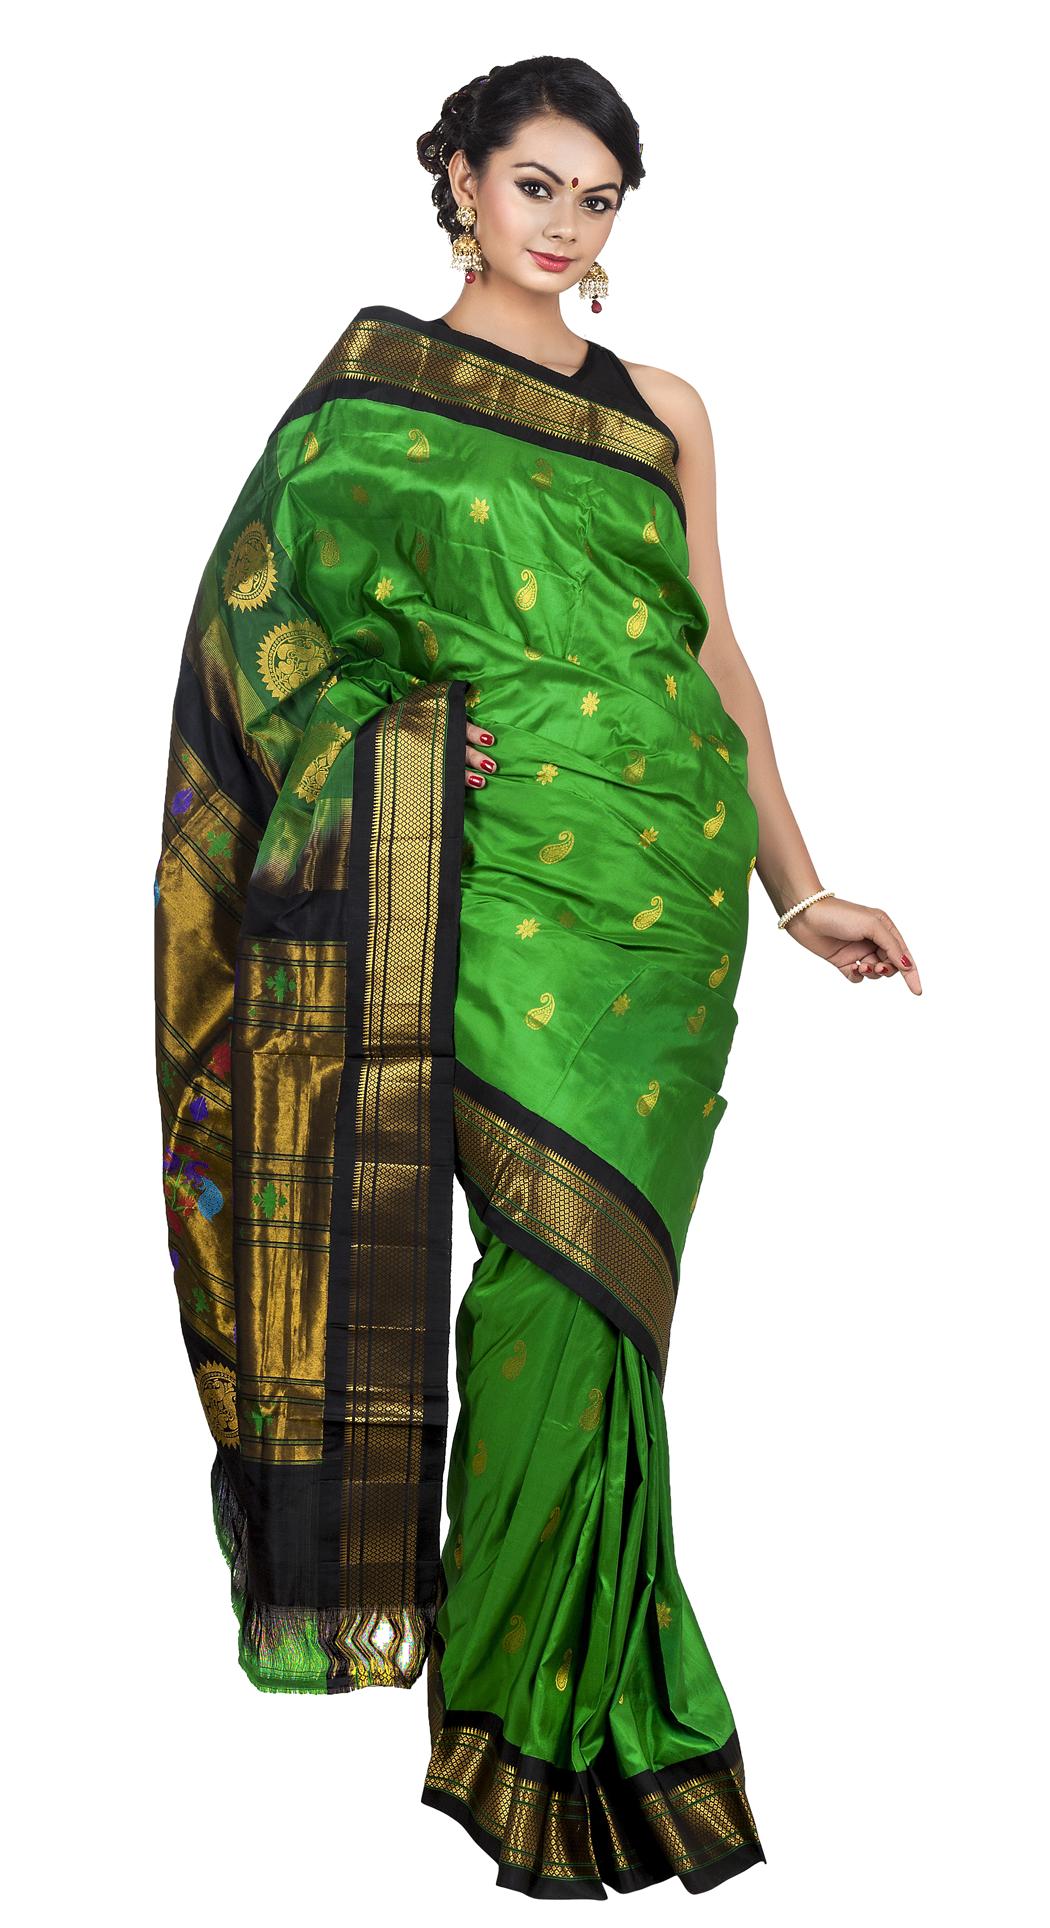 Wedding Saree PNG Transparent Image.